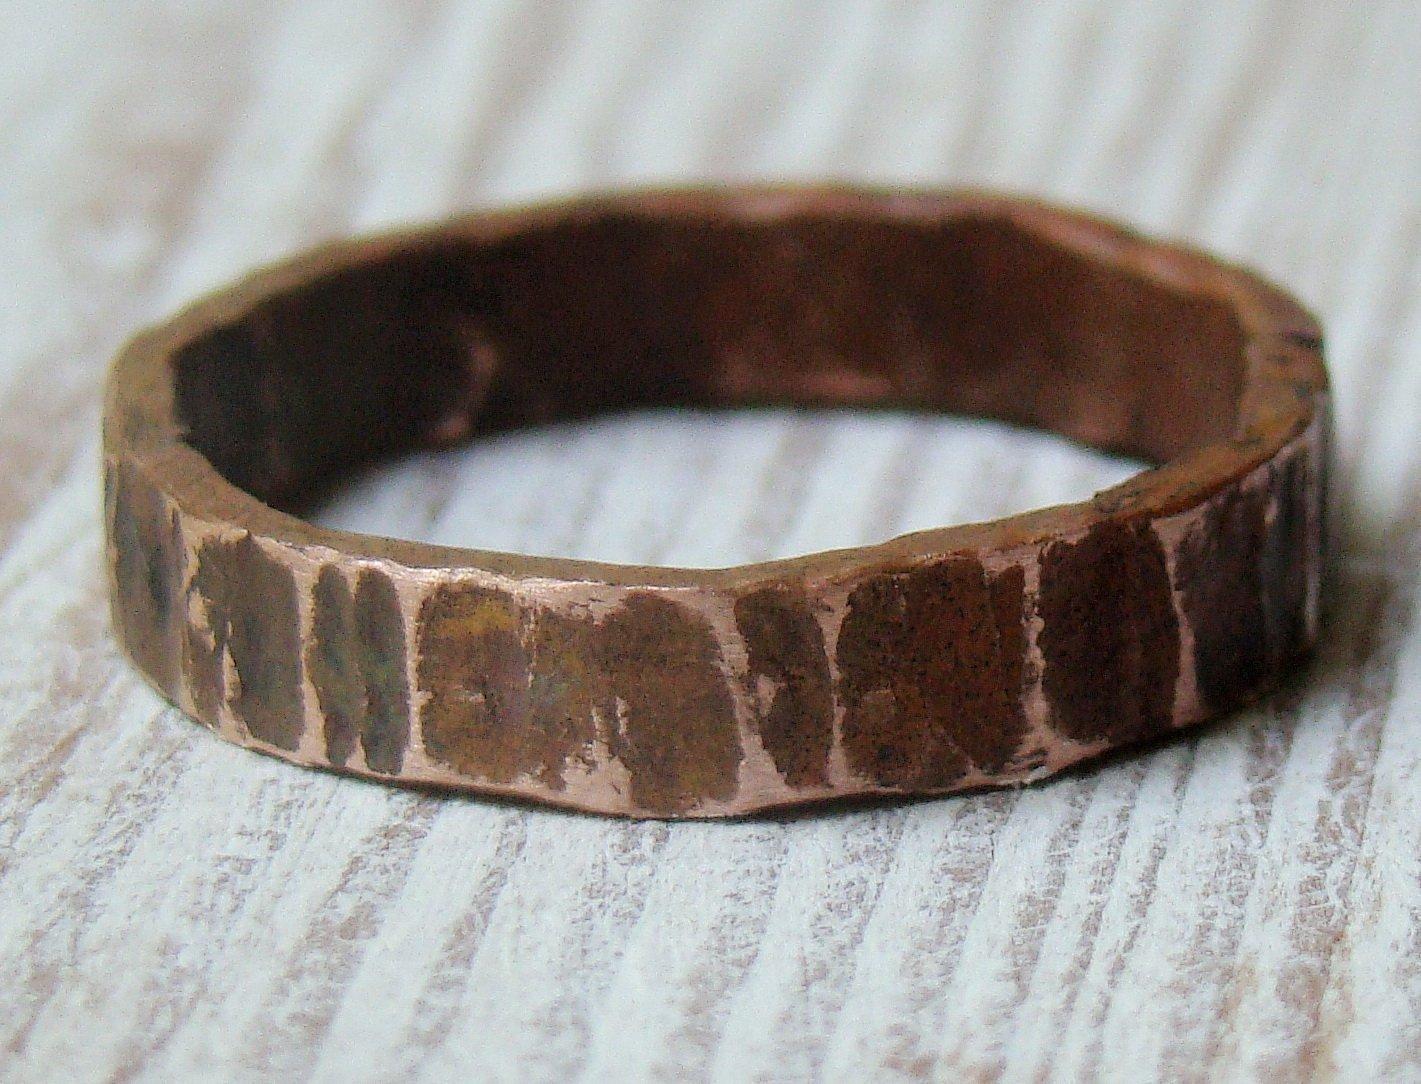 Wood Bark Mens Oxidized Wedding Ring Band Brown Ring Band Masculine Wedding Band Rustic Mens Band Unisex ring